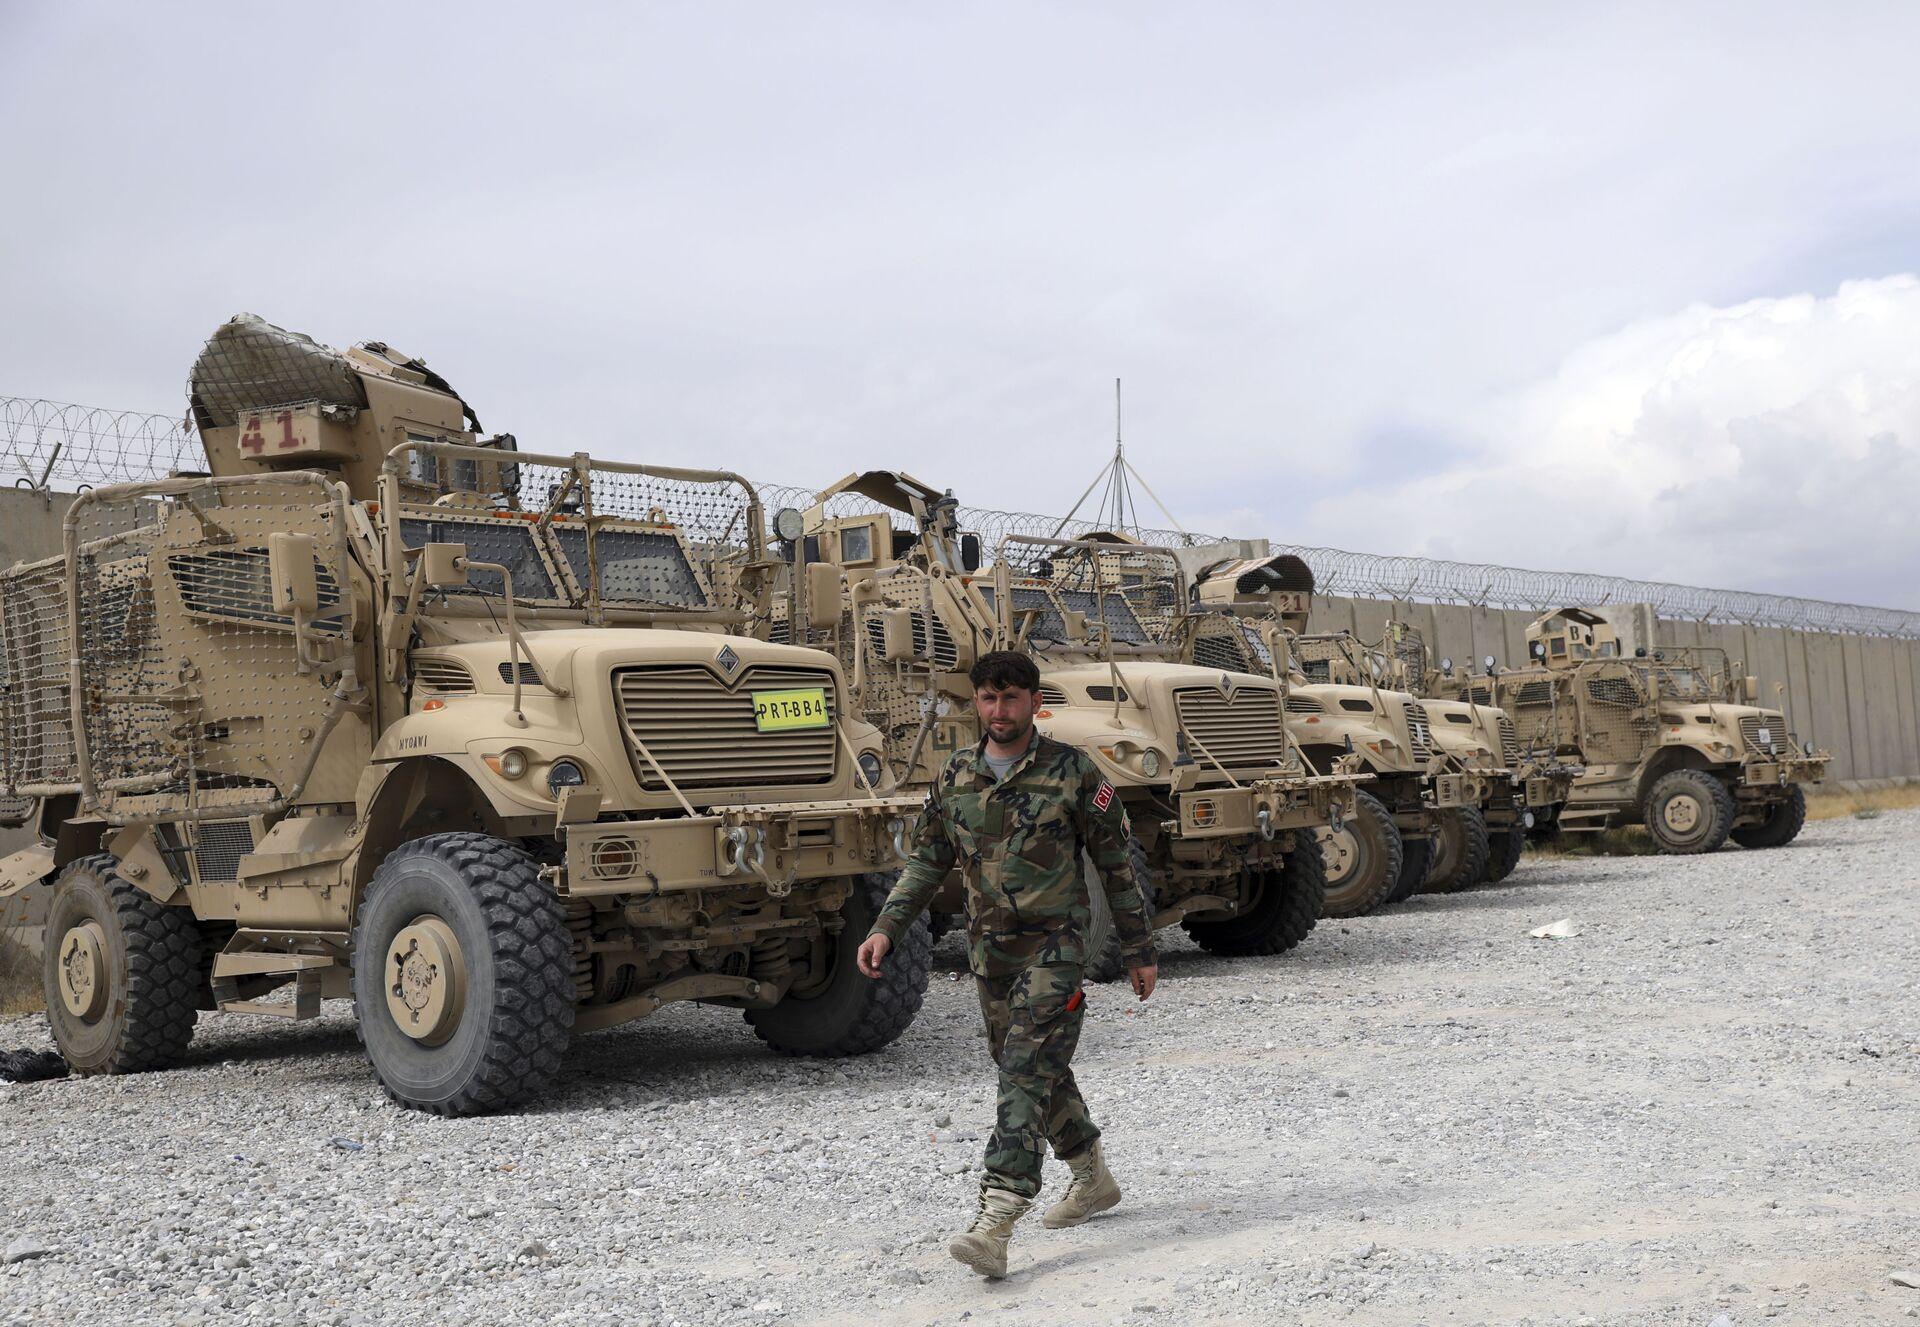 Avganistanska vojska je danas pokazala unutrašnjost vazduhoplovne baze Bagram - Sputnik Srbija, 1920, 13.07.2021